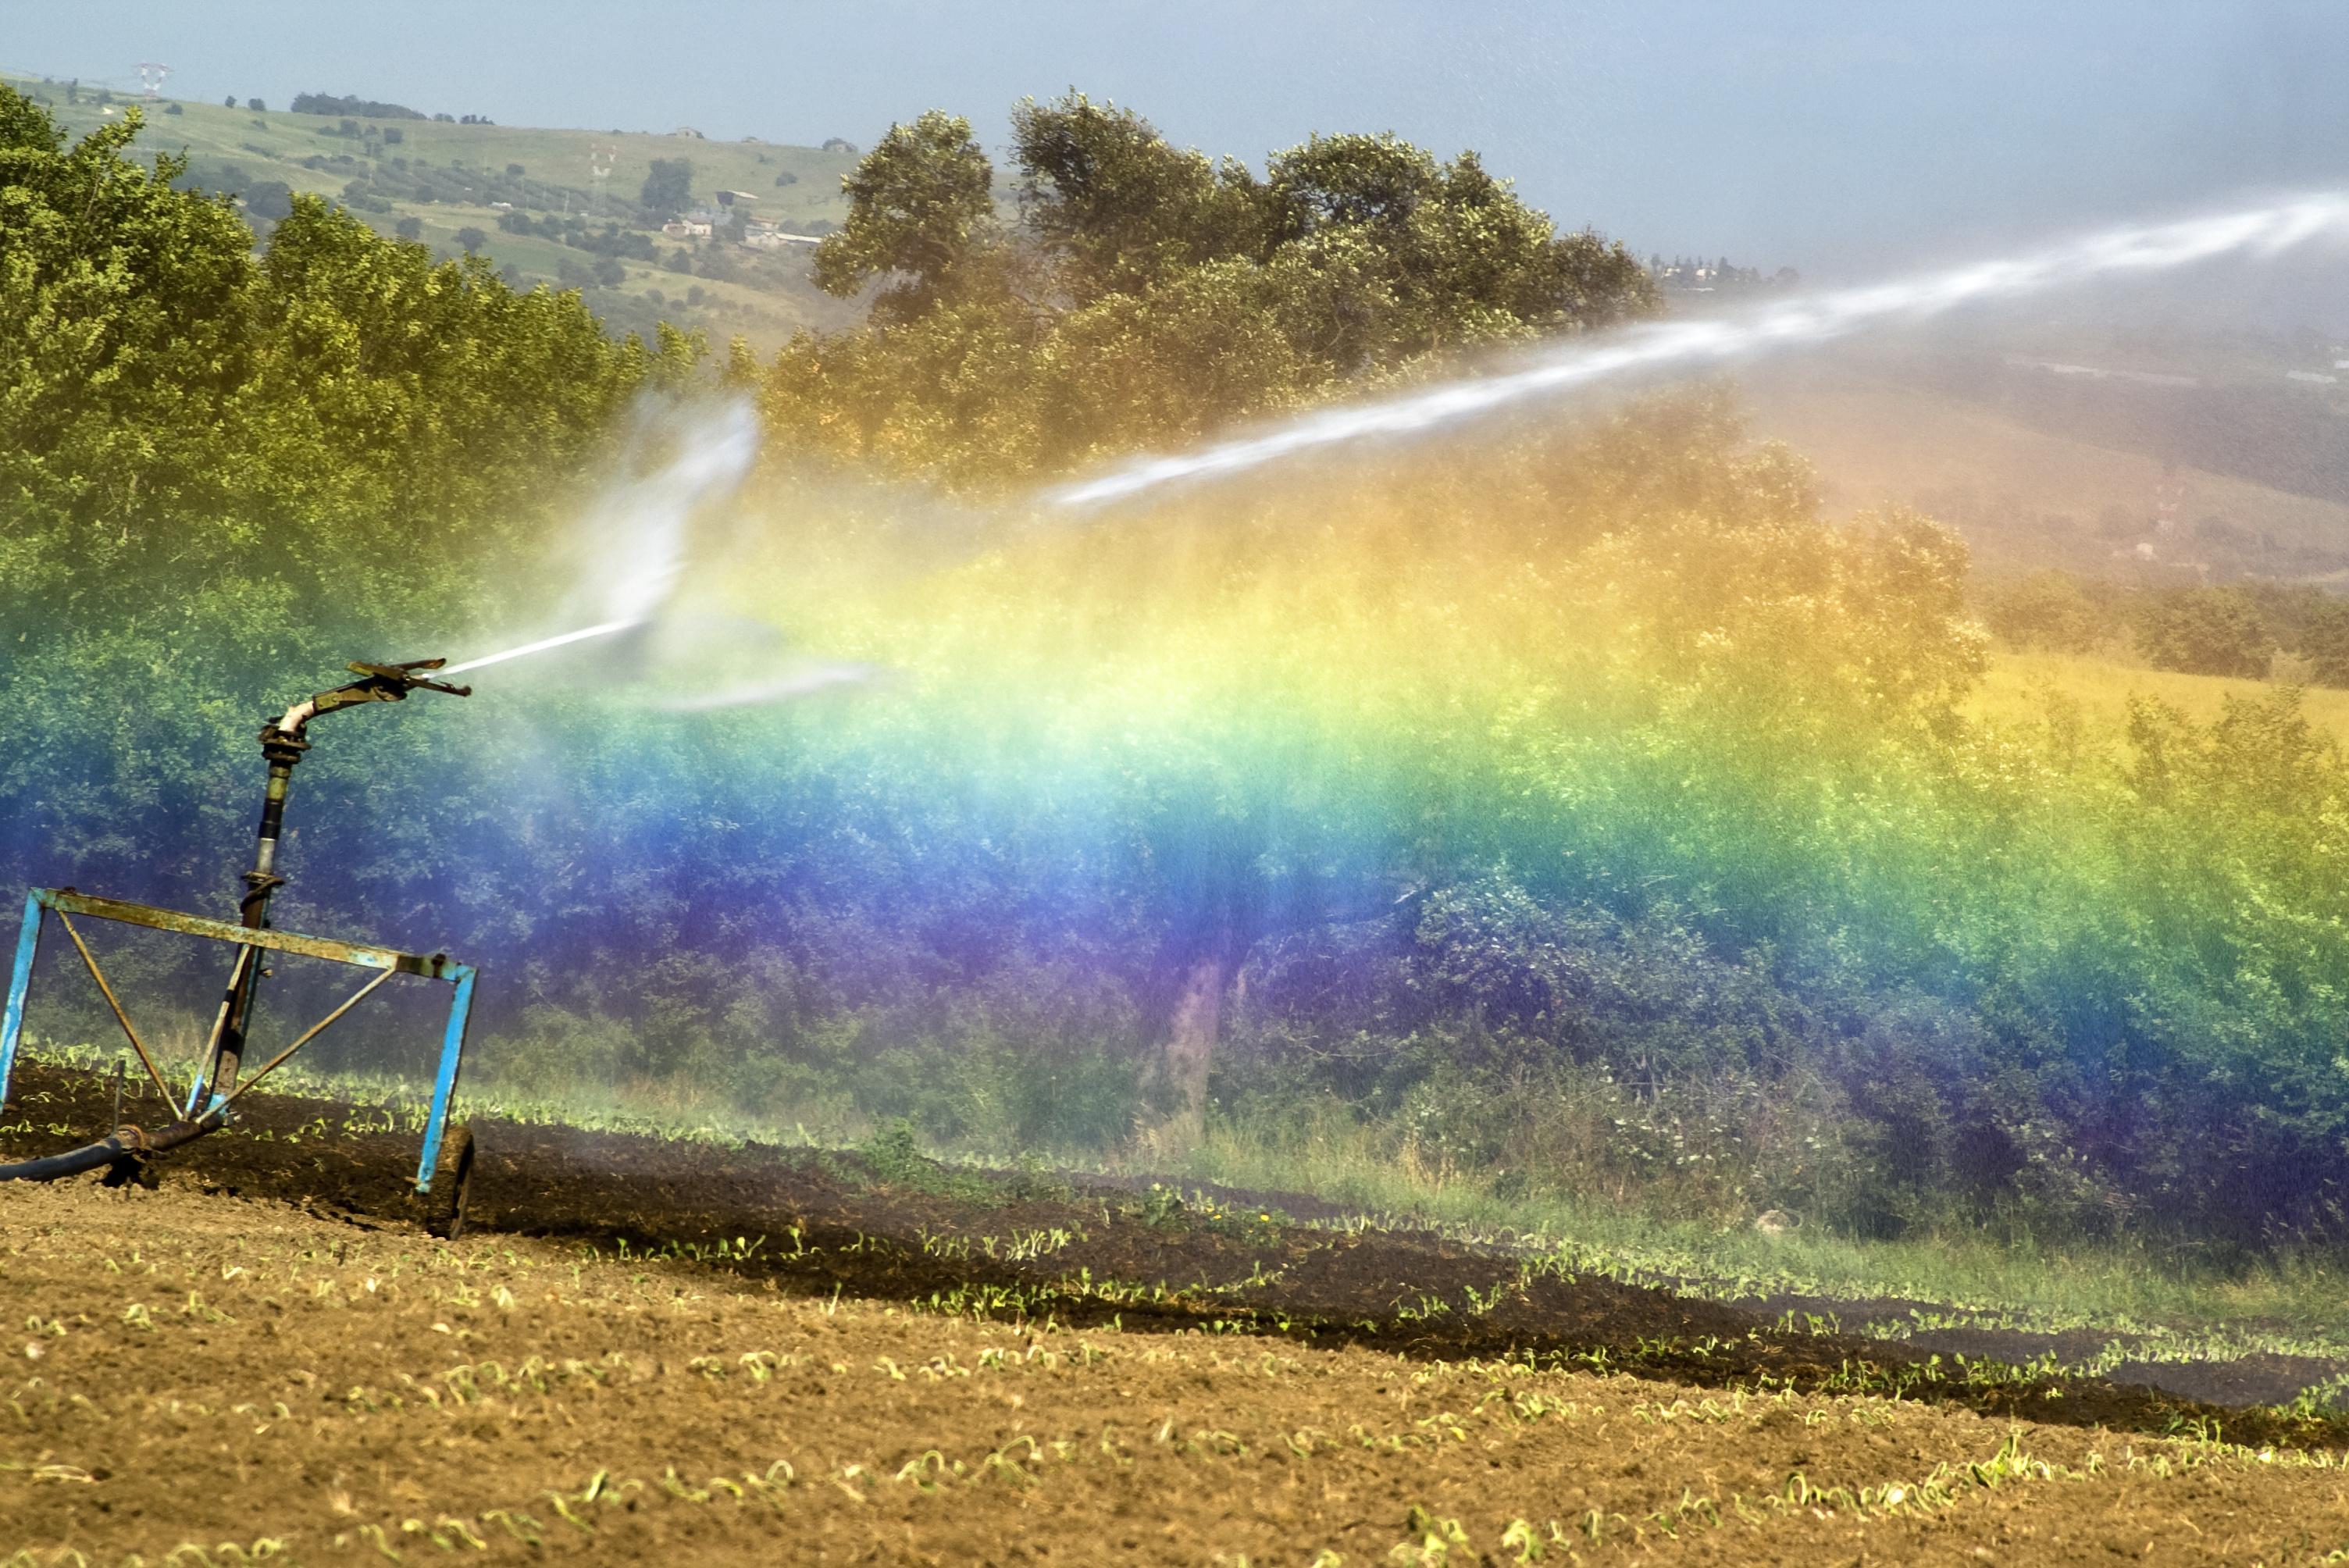 ARPA Emilia-Romagna: Satellite images to forecast irrigation